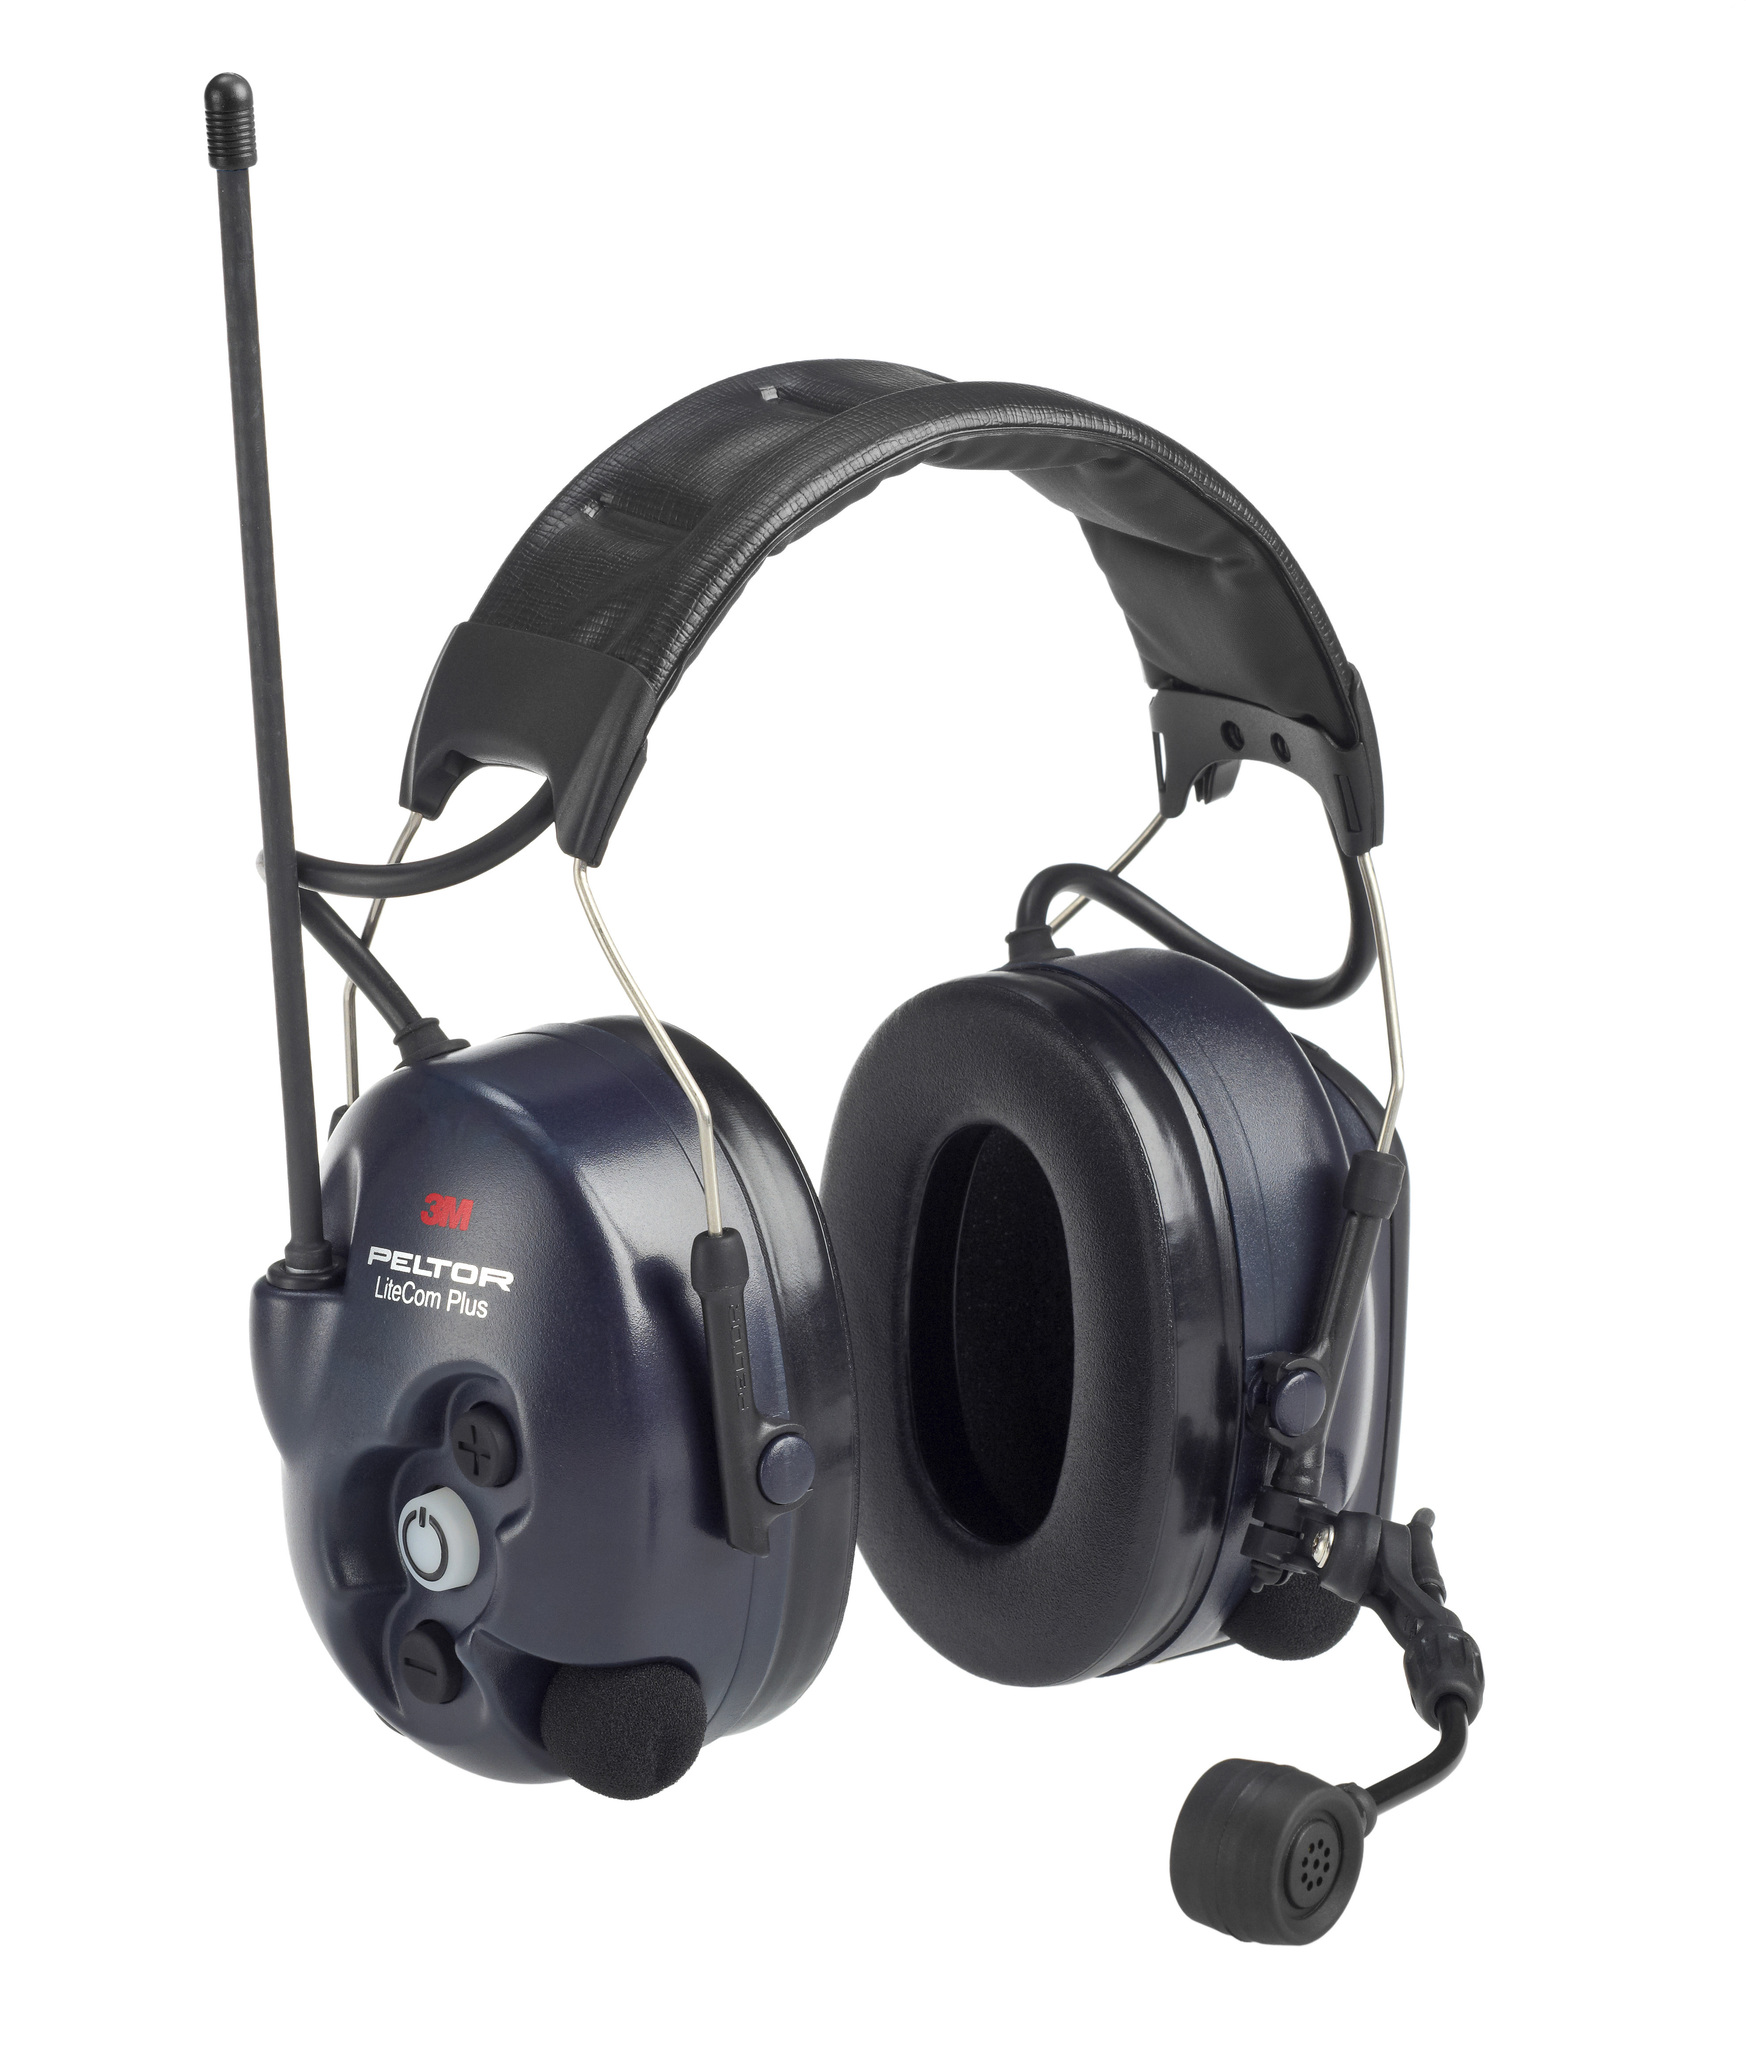 Активные наушники LiteCom Plus PMR, микрофон на жёсткой штанге, стандартное оголовье, тёмно-синие чашки